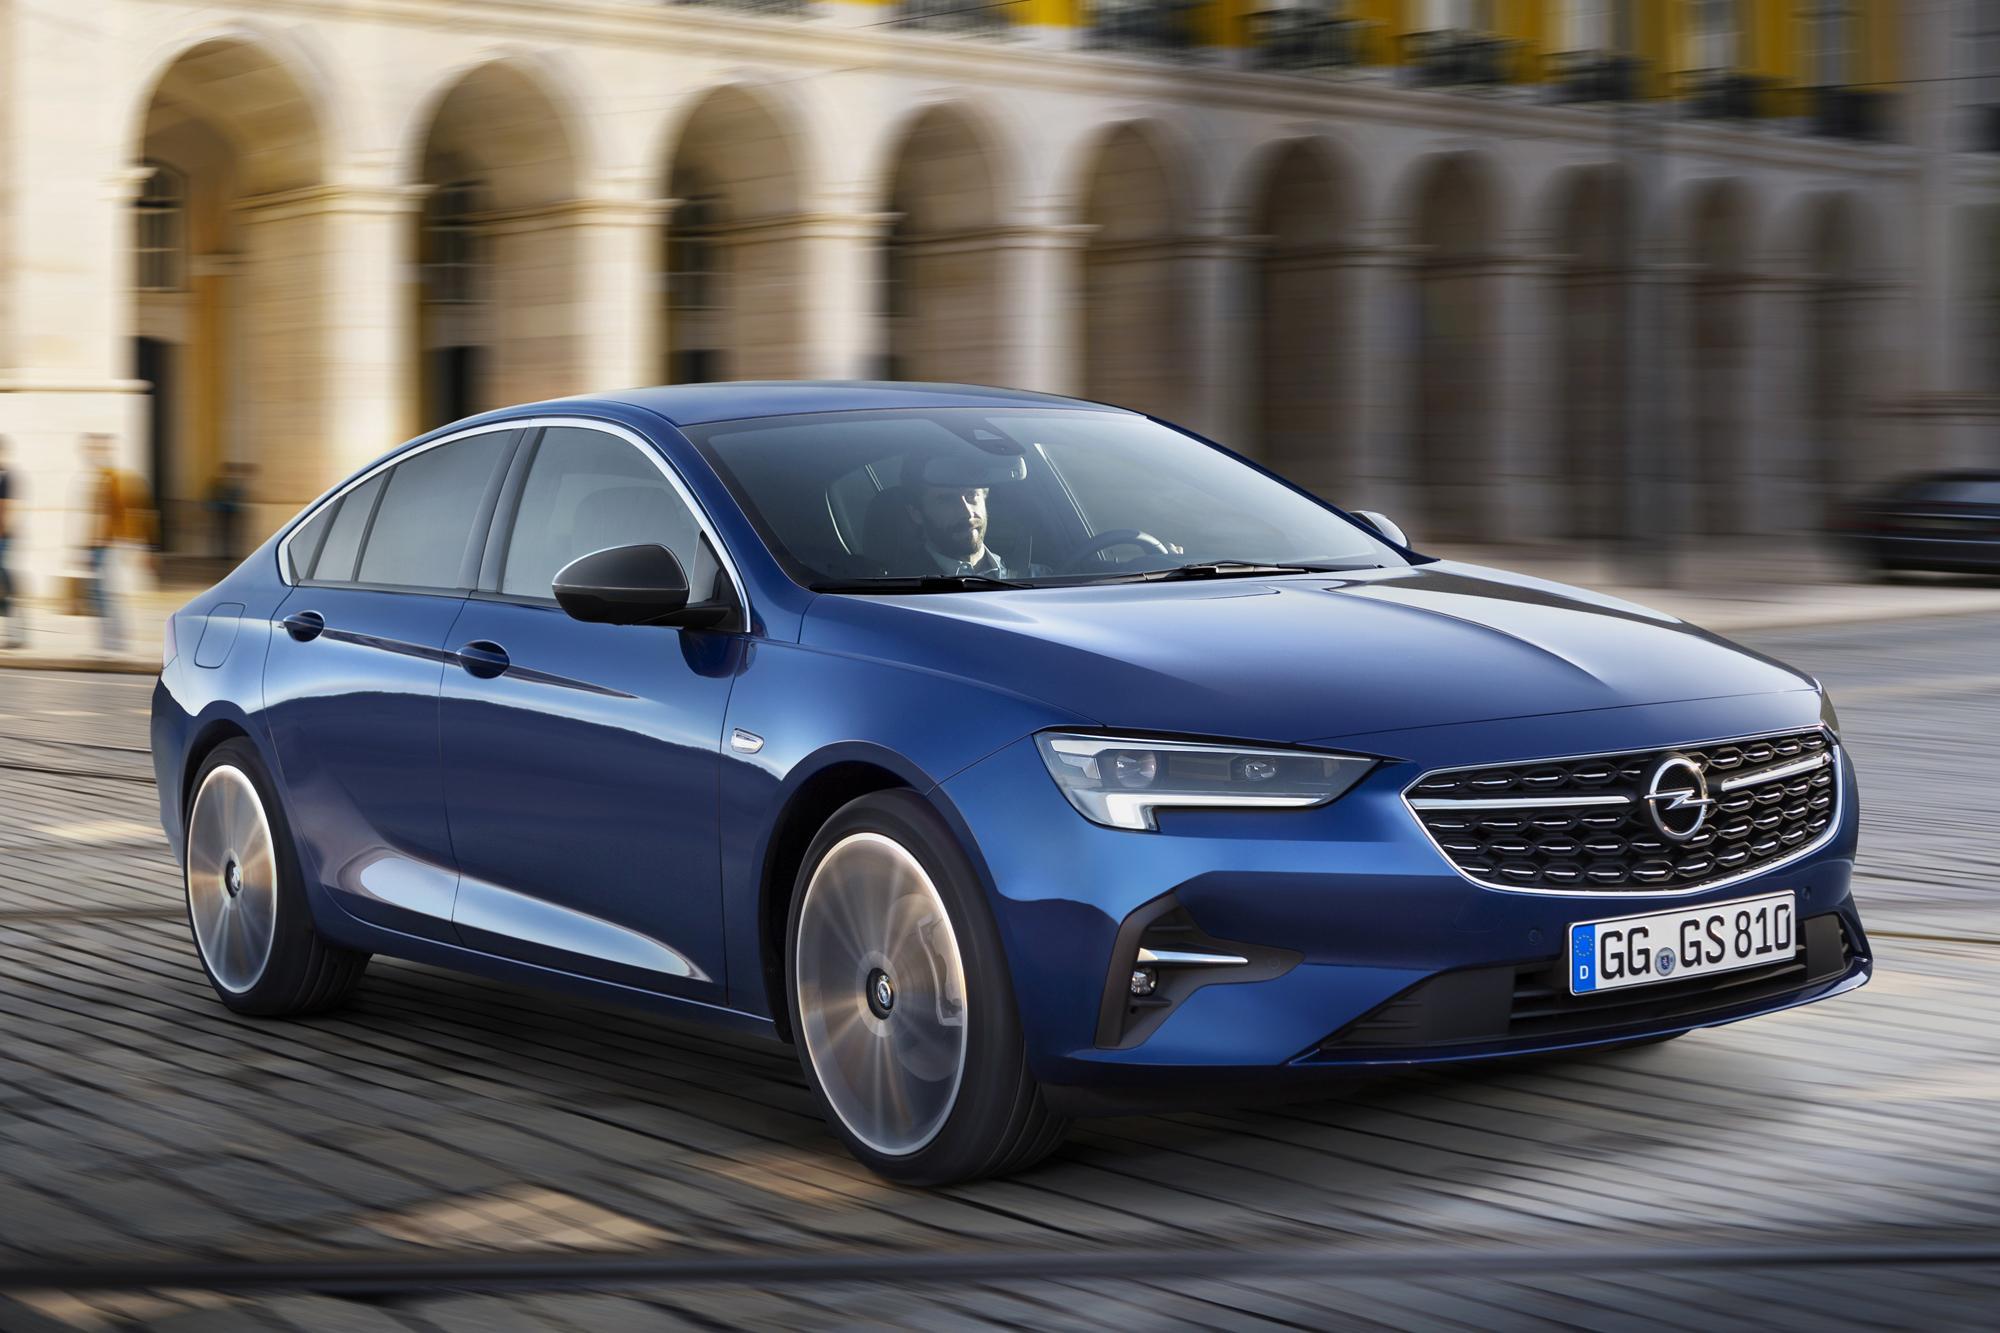 Η Opel επεκτείνει τη γκάμα κινητήριων συνόλων της για το Insignia